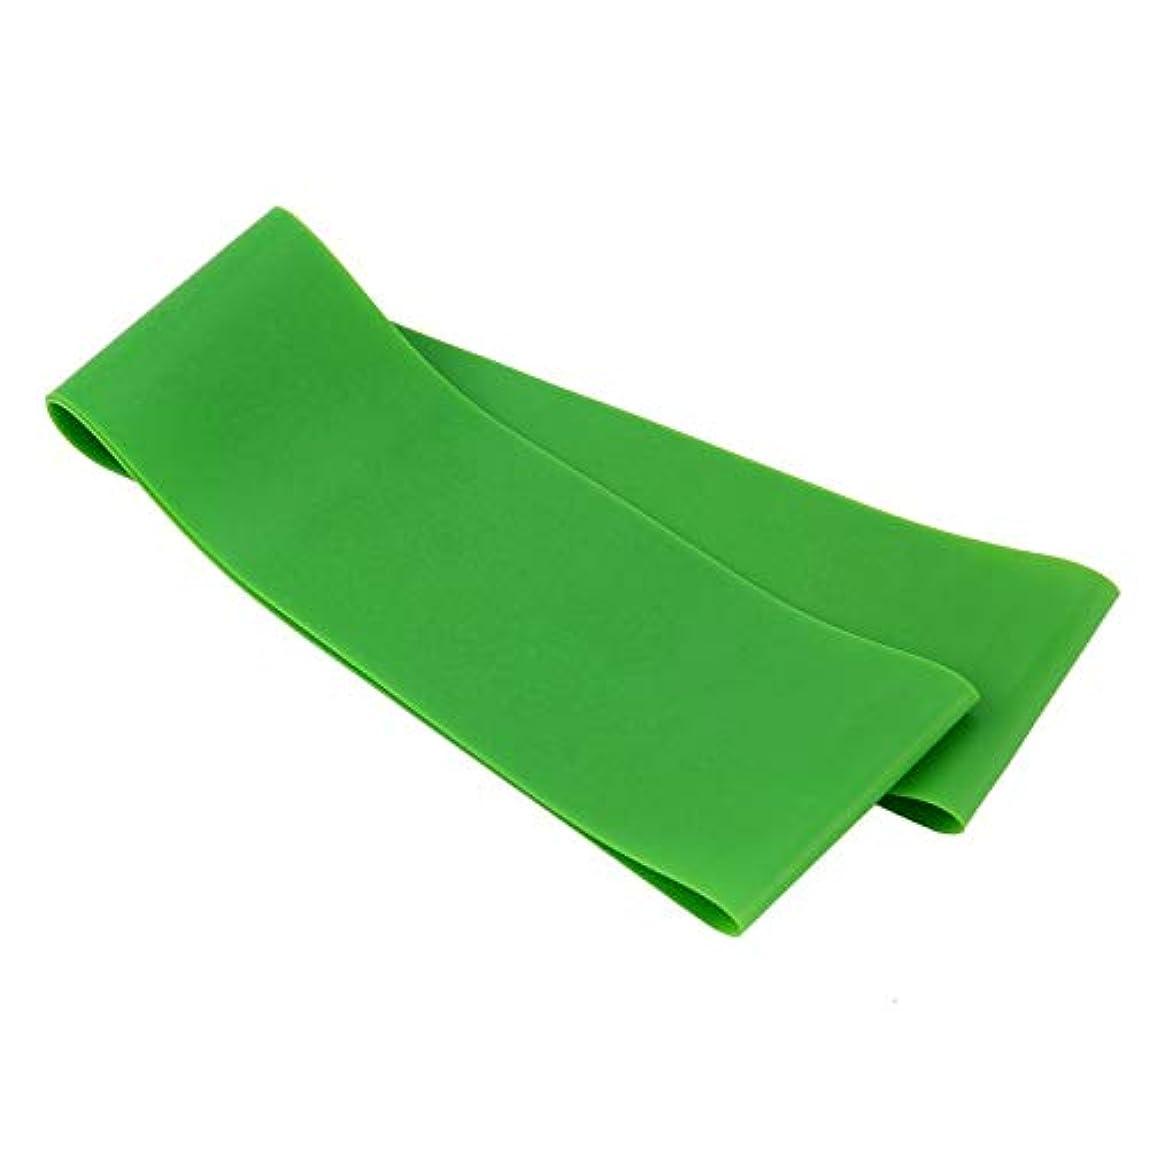 下落ち込んでいるわざわざ滑り止め伸縮性ゴム弾性ヨガベルトバンドプルロープ張力抵抗バンドループ強度のためのフィットネスヨガツール - グリーン